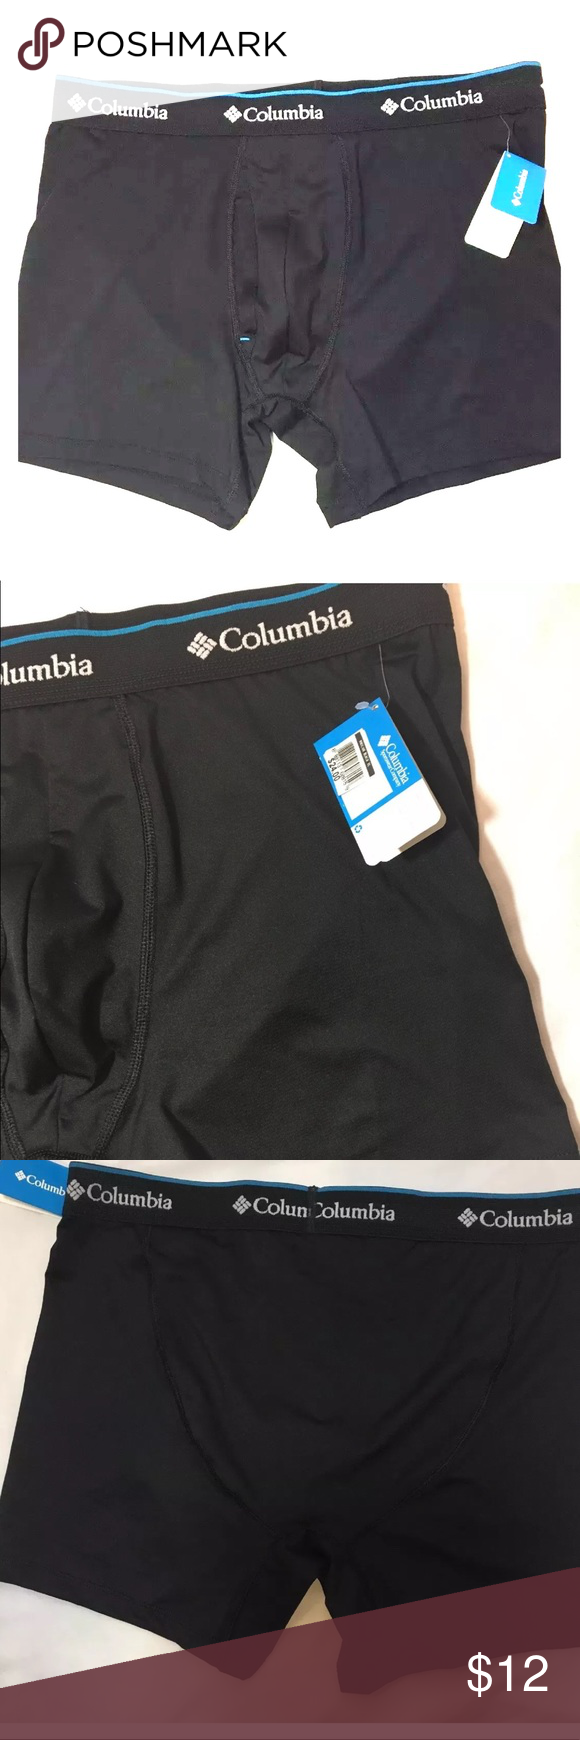 Size: XL Columbia Underwear